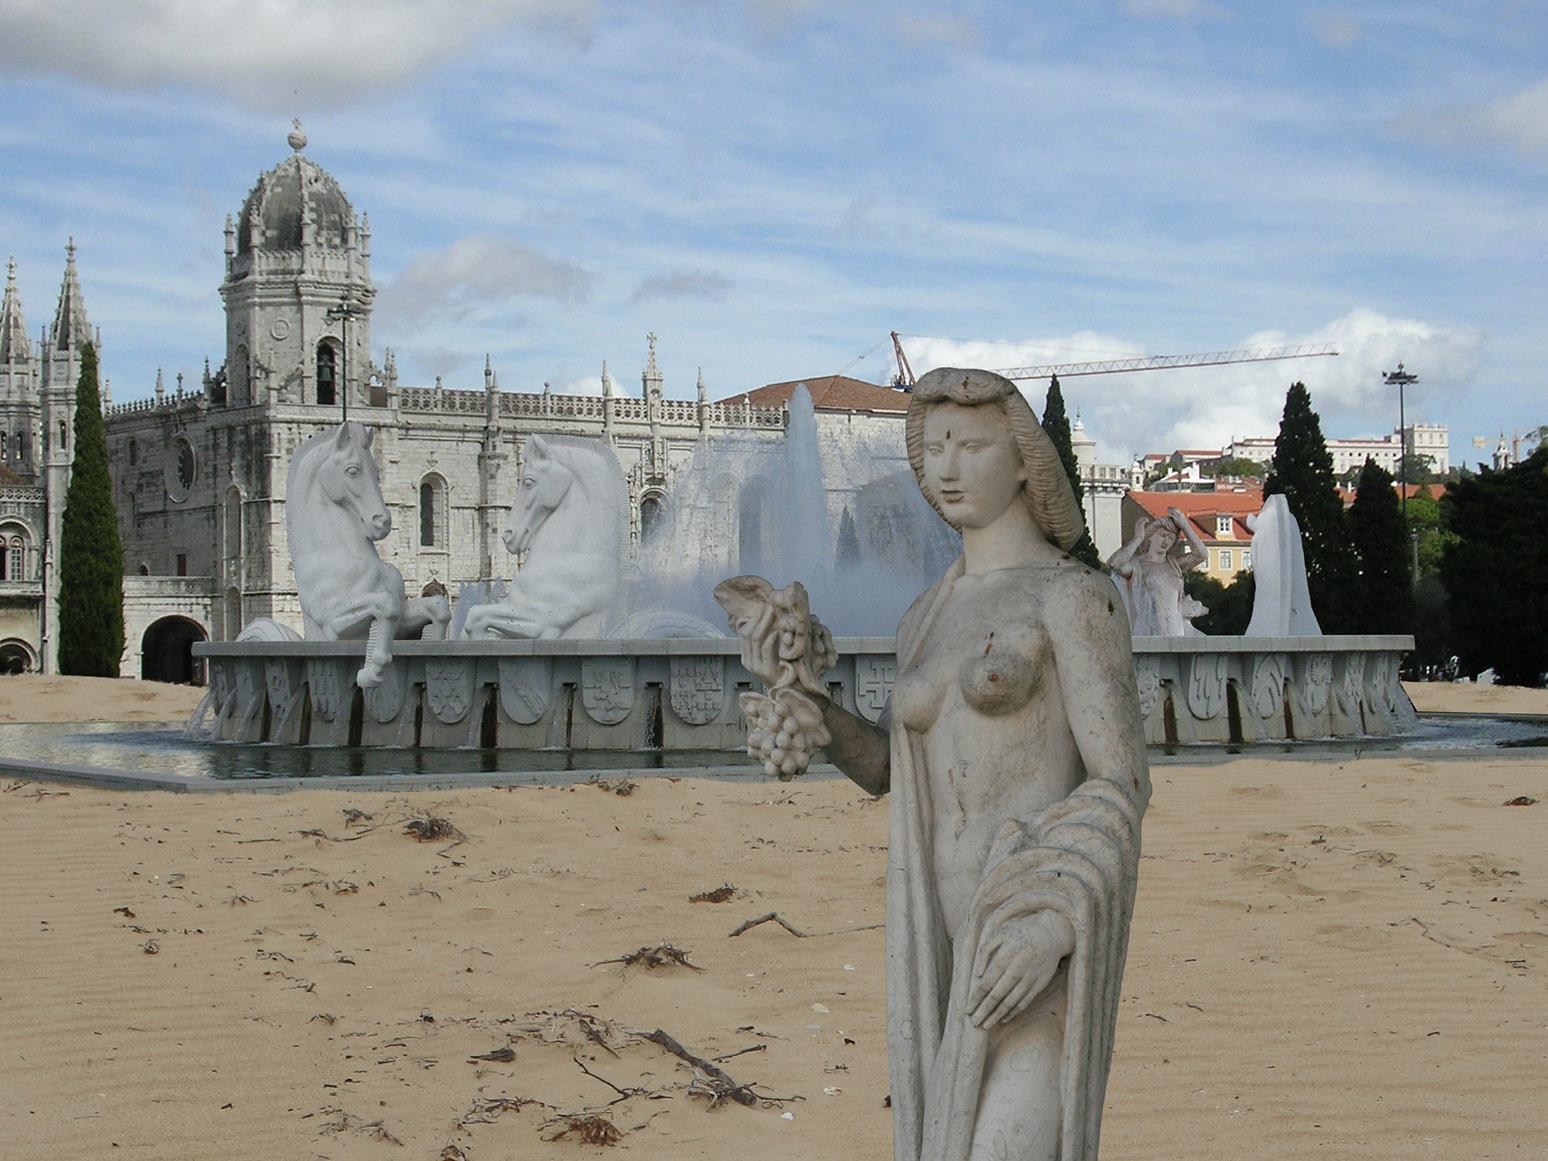 Fonte da Praça do Império rodeada de areia; as esculturas dos cavalos marinhos tomam banho na fonte e uma escultura de mulher anda sobre a areia.